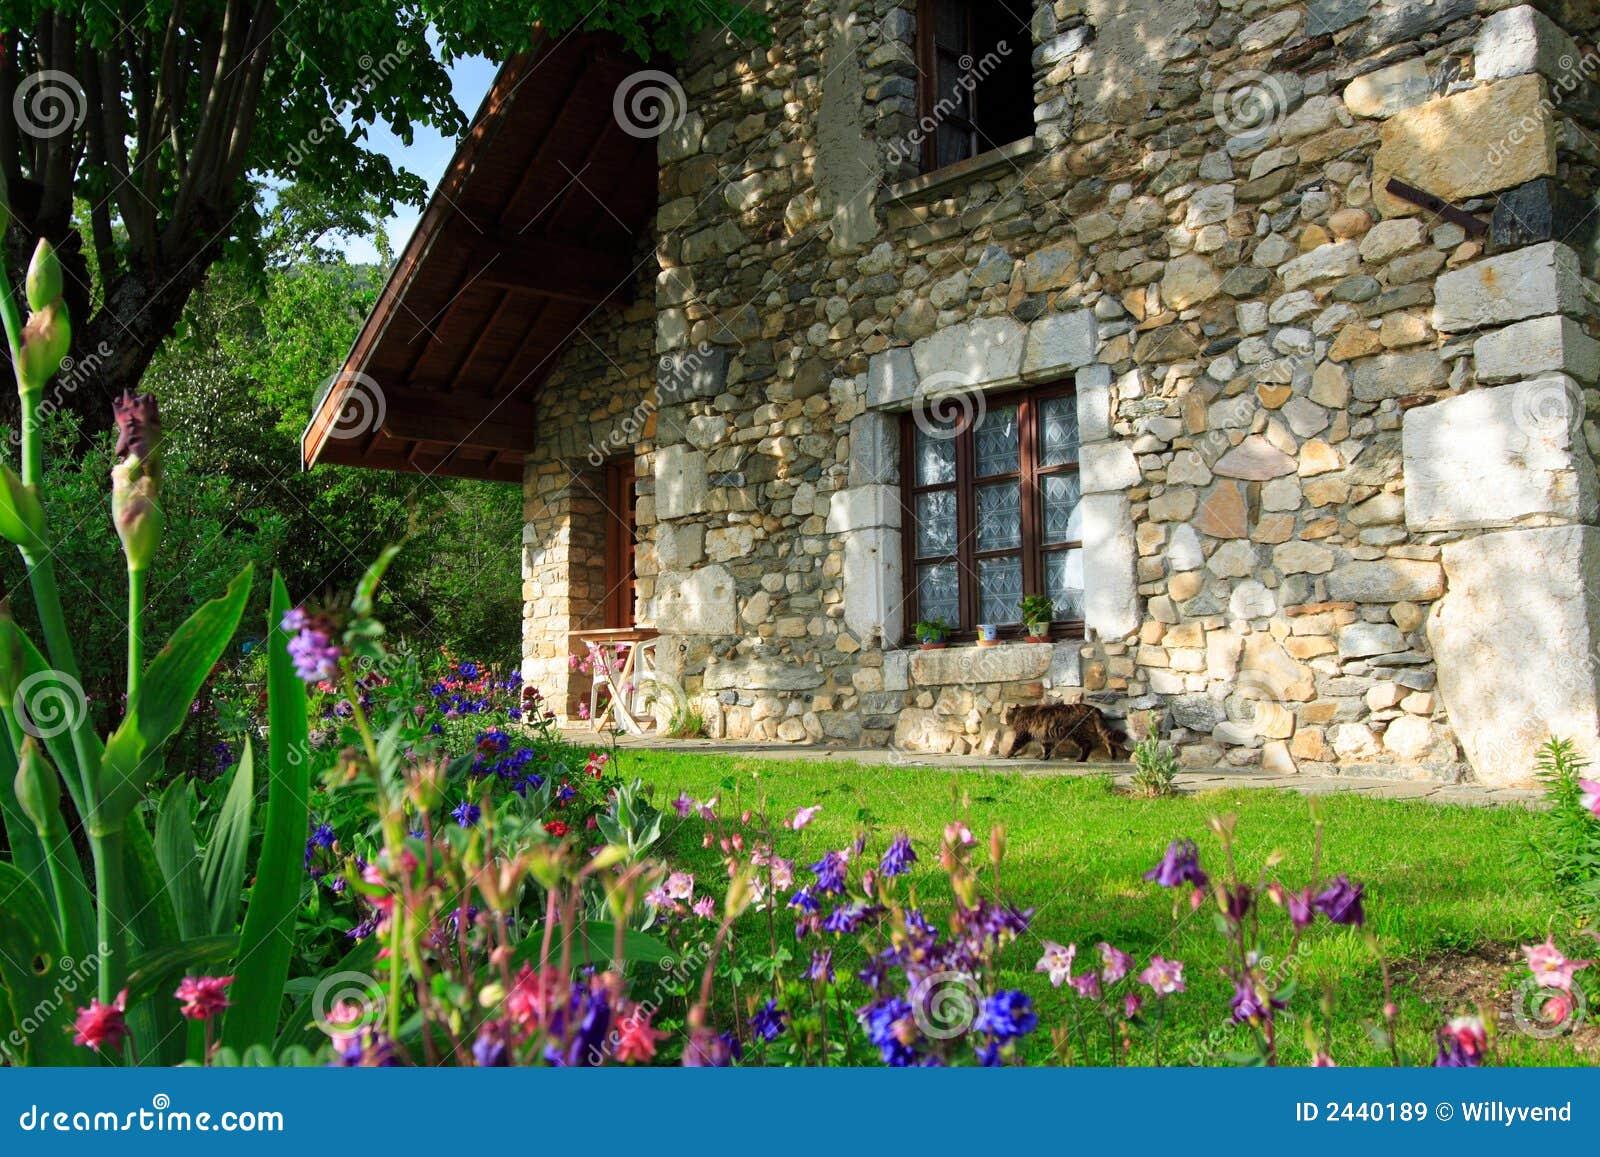 Flores y casa vieja imagen de archivo imagen de bot nico for Casa y jardin tienda madrid